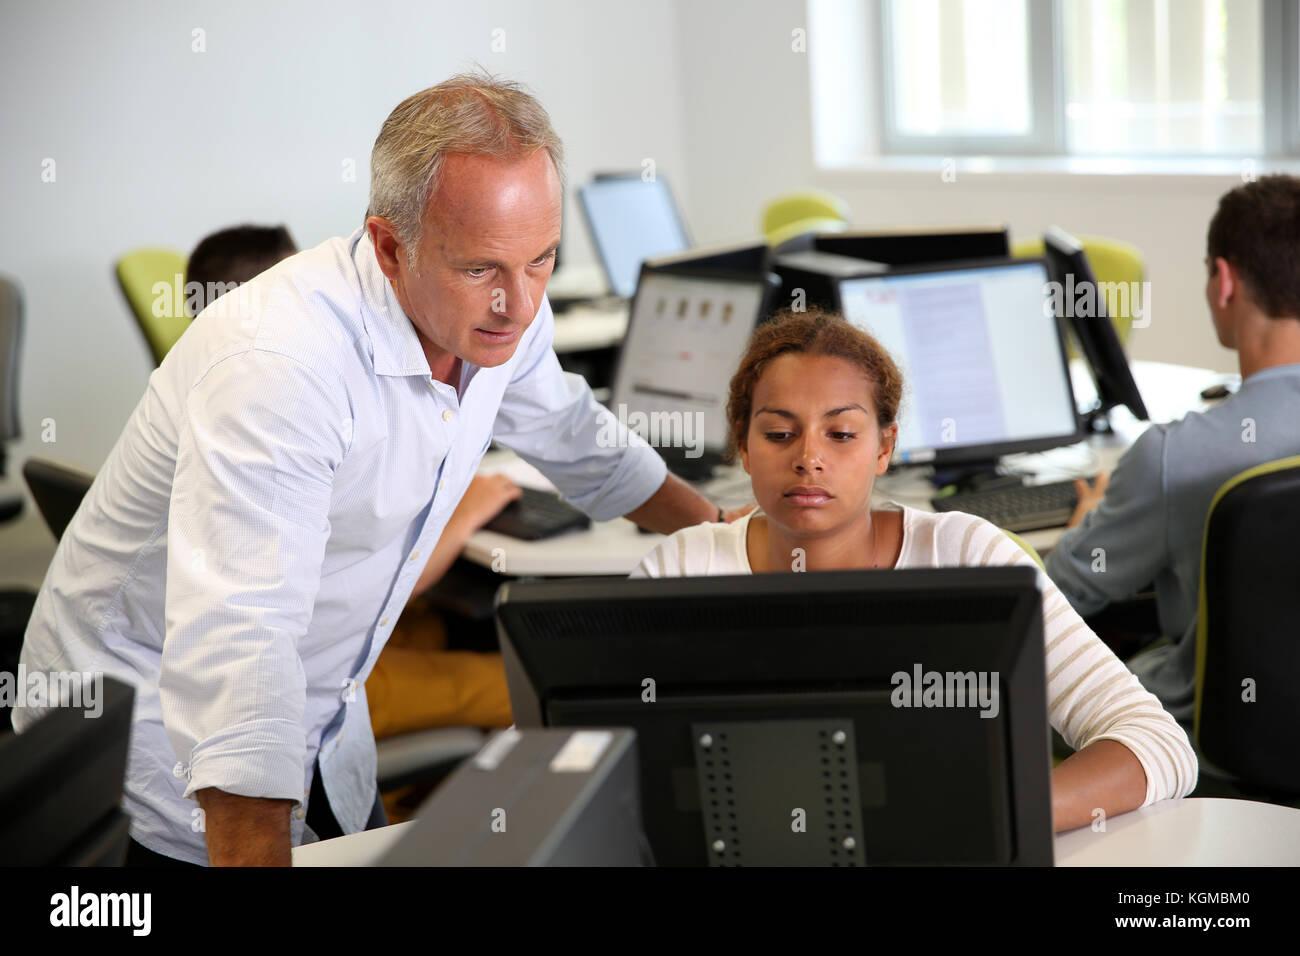 Lehrer und Schüler Arbeiten am Computer Stockbild